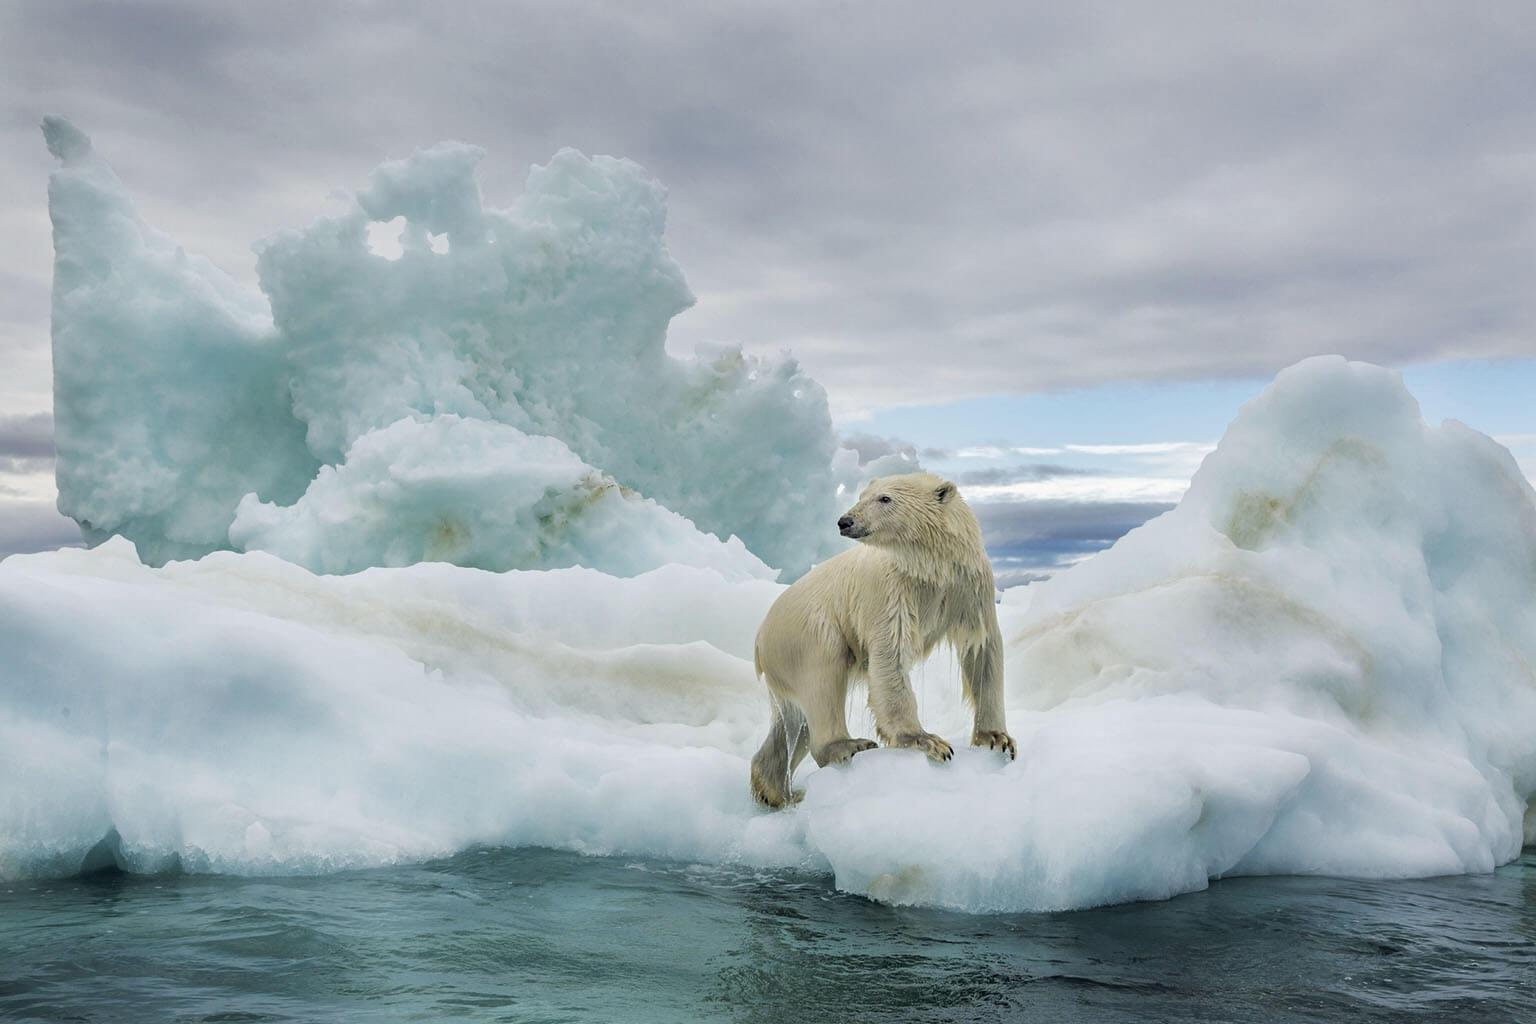 一隻渾身溼淋淋的北極熊爬上哈得遜灣最北端的一塊浮冰。北極熊會在海冰上伏擊浮出水面的海豹──這是北極熊90%的熱量來源。國家地理學會駐會探險家安立克.薩拉正努力推動保存北極熊日漸減少的一部分棲地。「我們曾在俄羅斯發現困在小島上,以草與海鳥為食的北極熊。」薩拉說。 PAUL SOUDERS